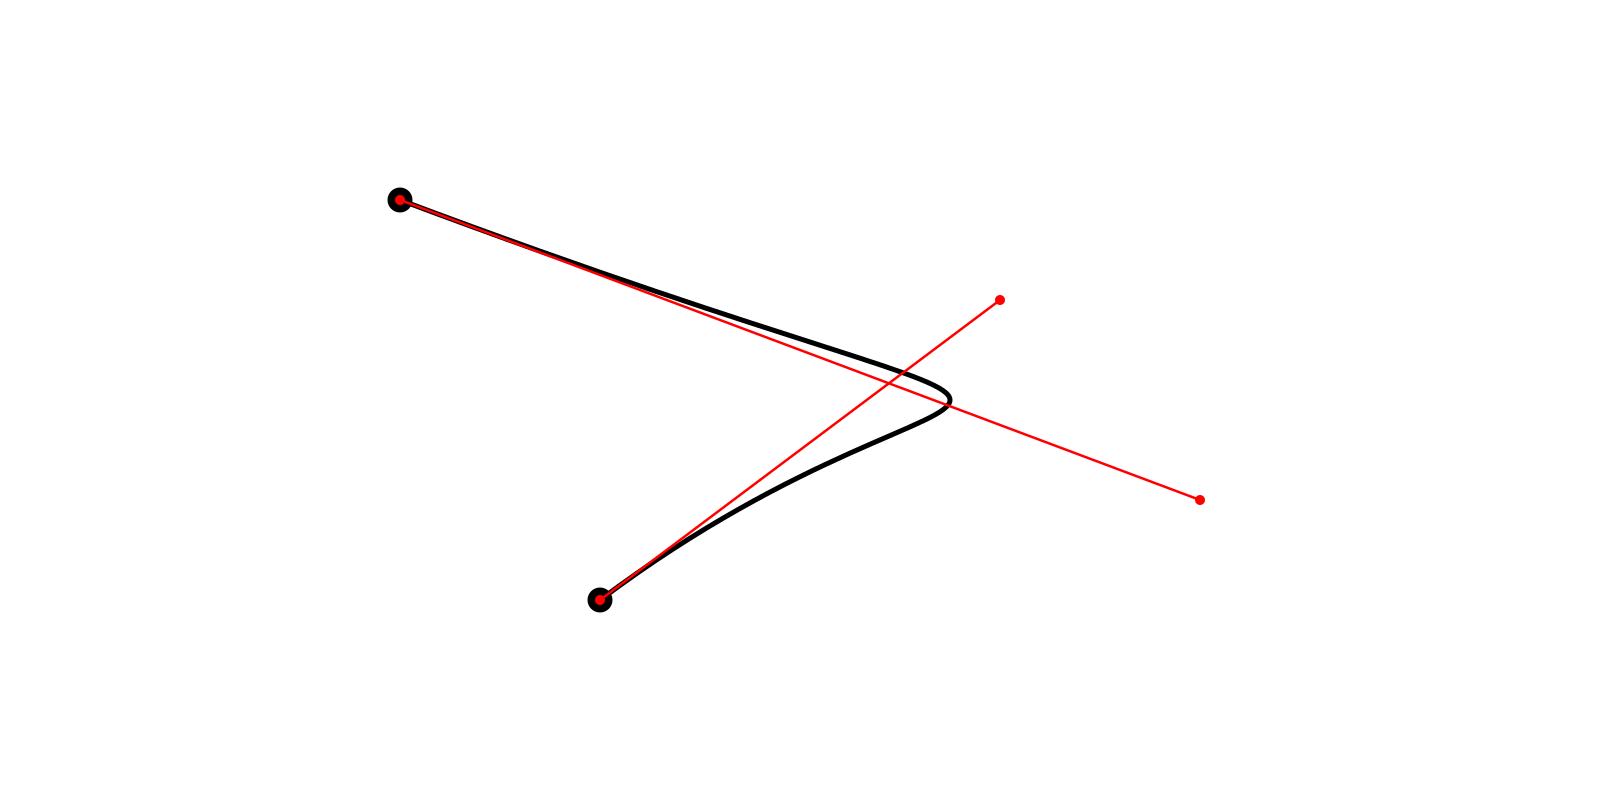 Адаптивное разбиение кривых Безье 2-го и 3-го порядка - 2